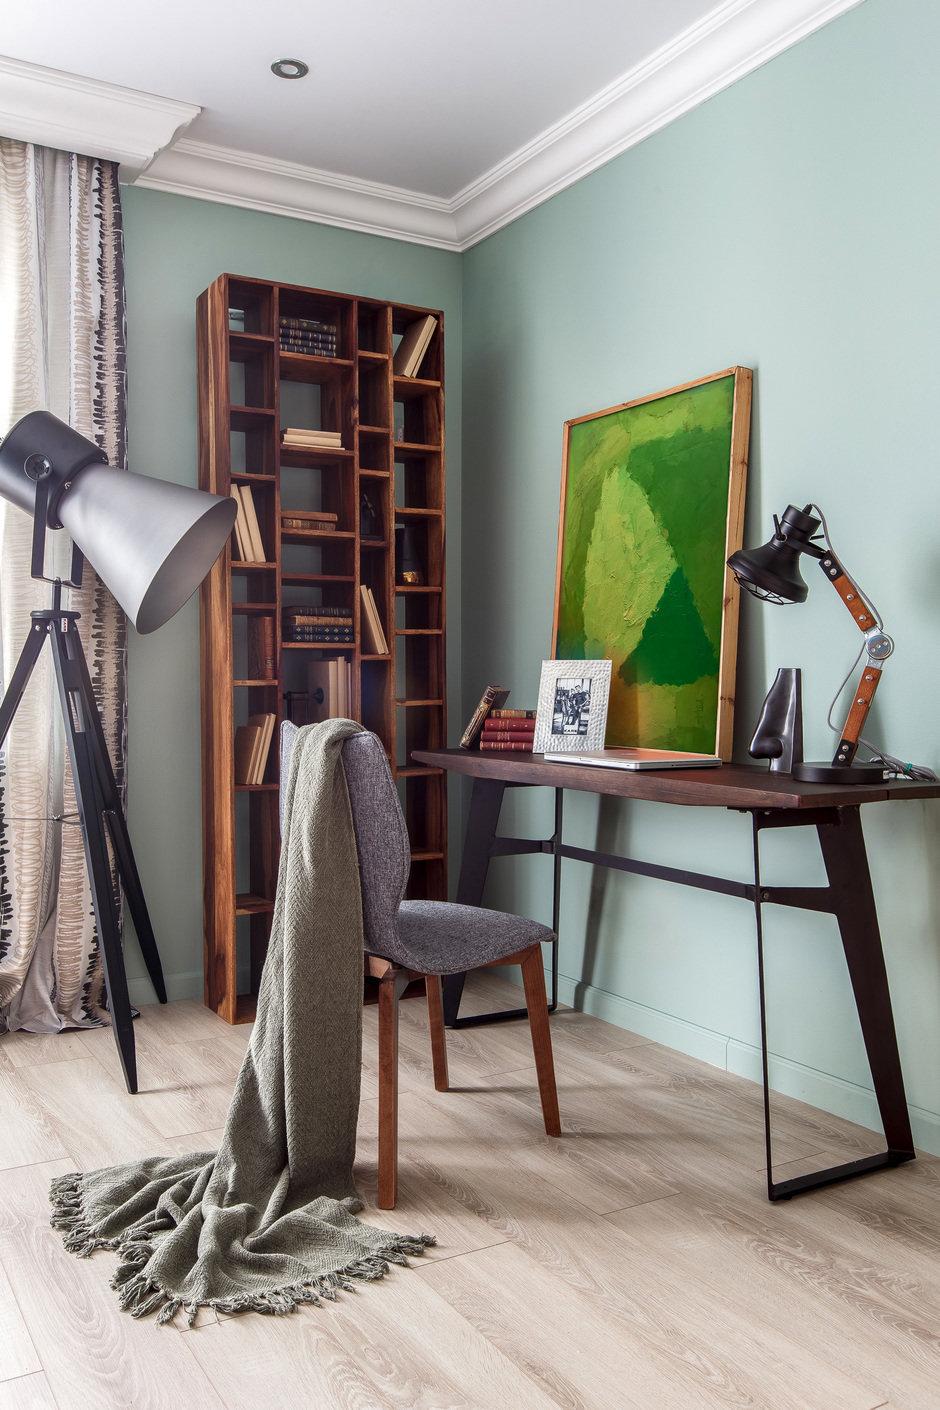 Фотография: Кабинет в стиле Современный, Квартира, Проект недели, Монолитный дом, 3 комнаты, 60-90 метров, Саратов, Quadrum Studio – фото на InMyRoom.ru